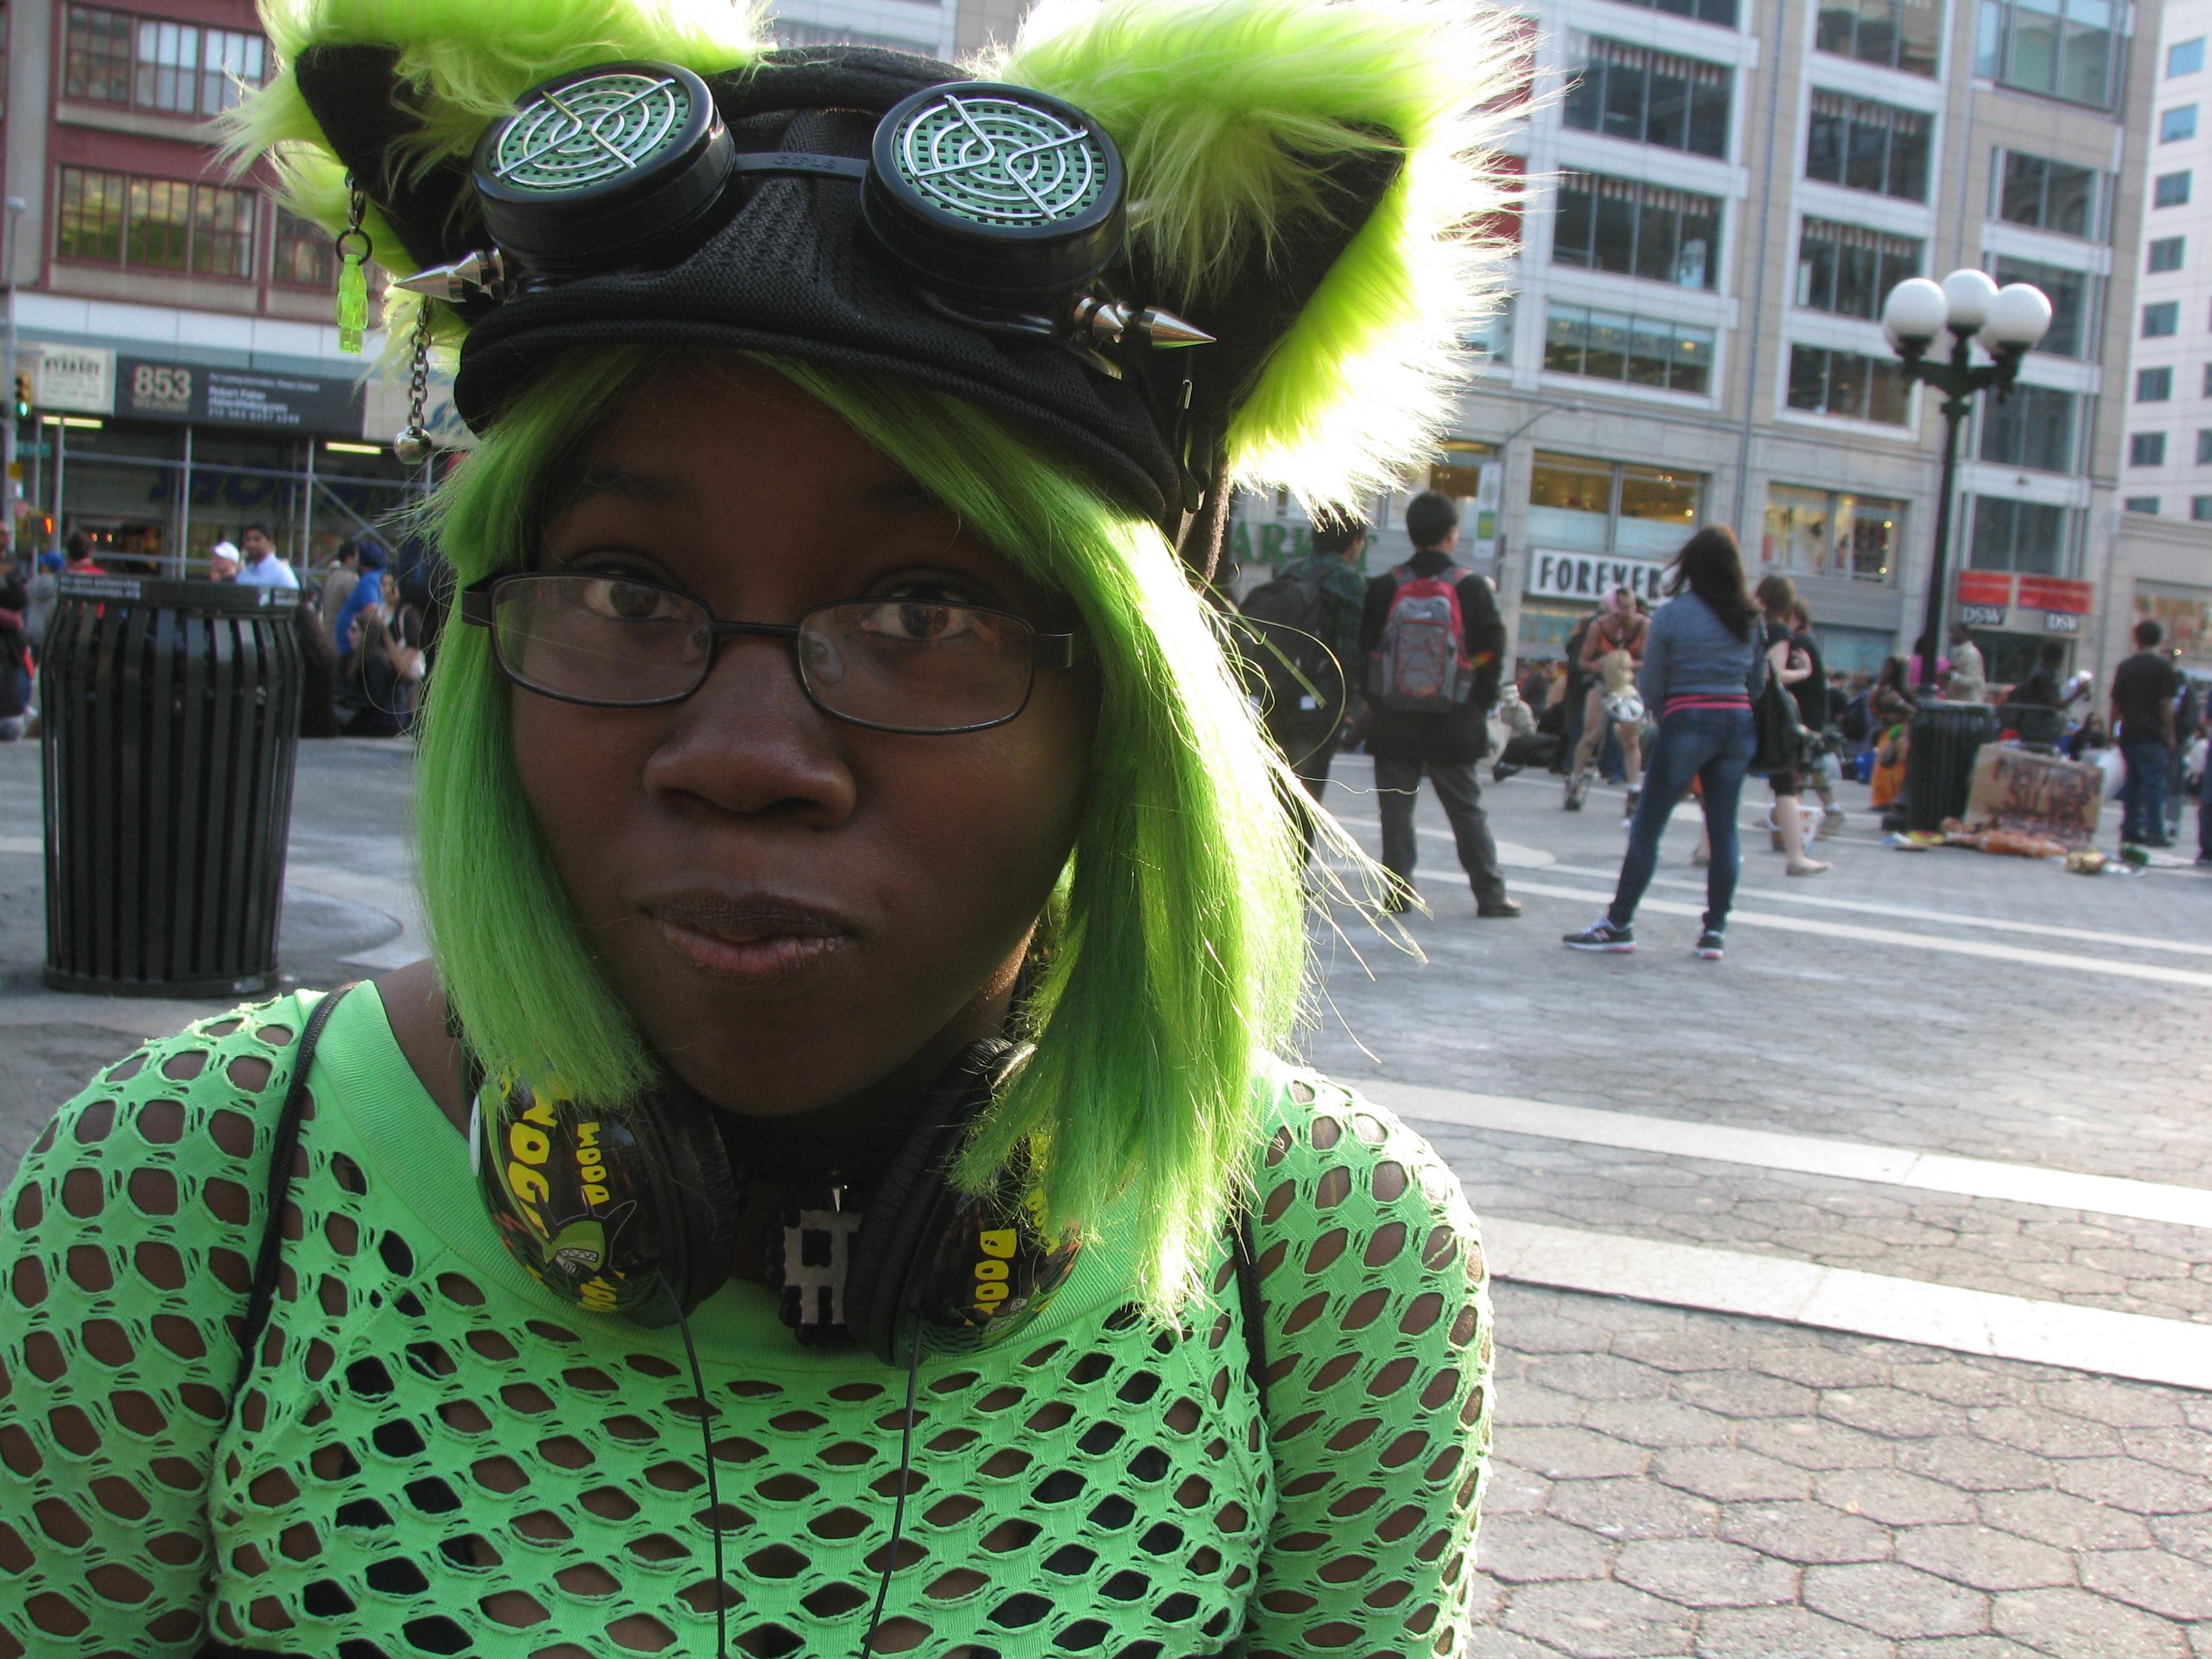 Black girl in green wig & cat ears